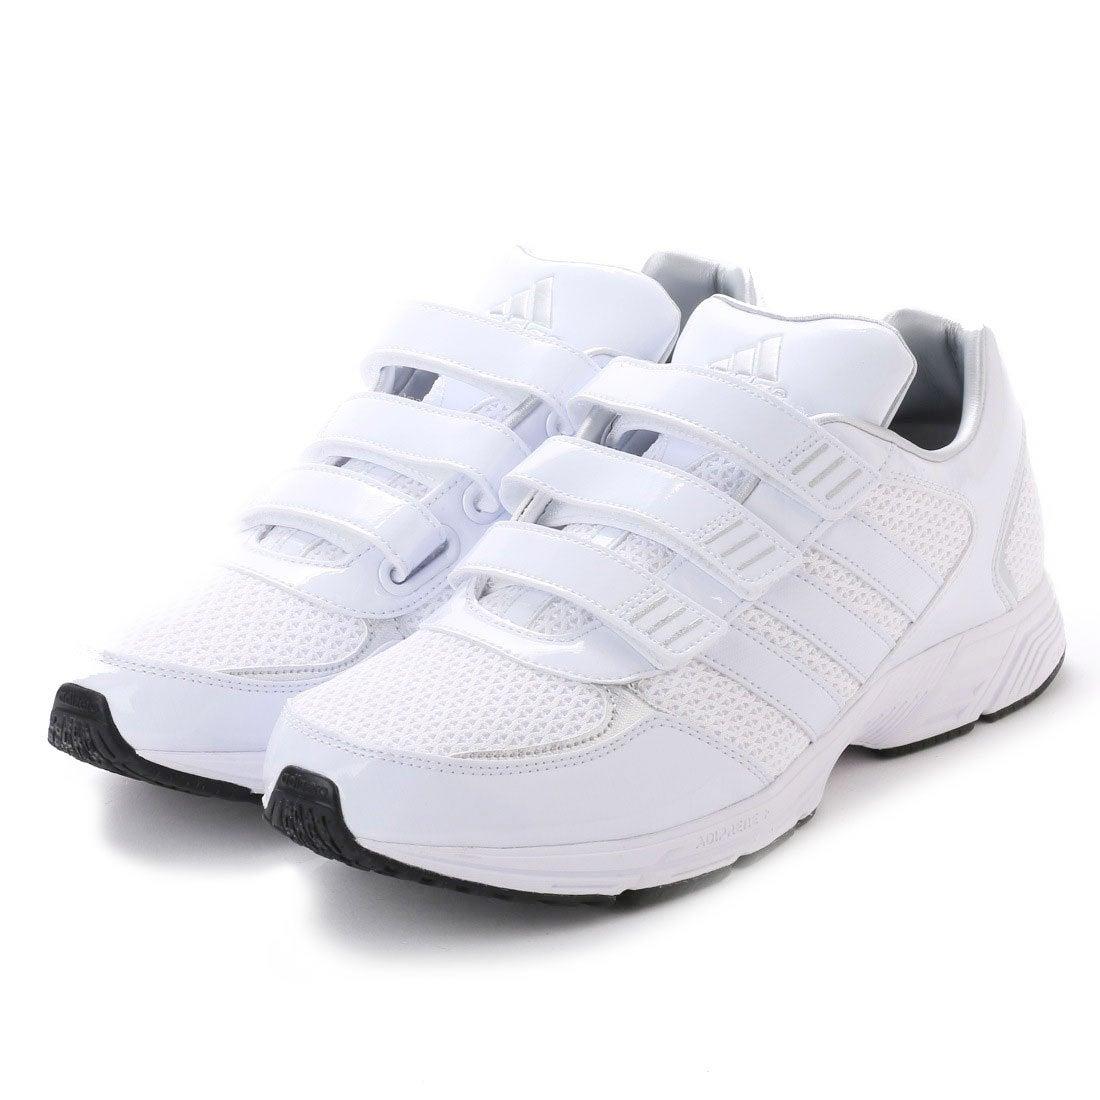 【SALE 10%OFF】アディダス adidas ユニセックス 野球 スパイクシューズ アディピュアBB RUN TR CG5100 559 (ホワイト)